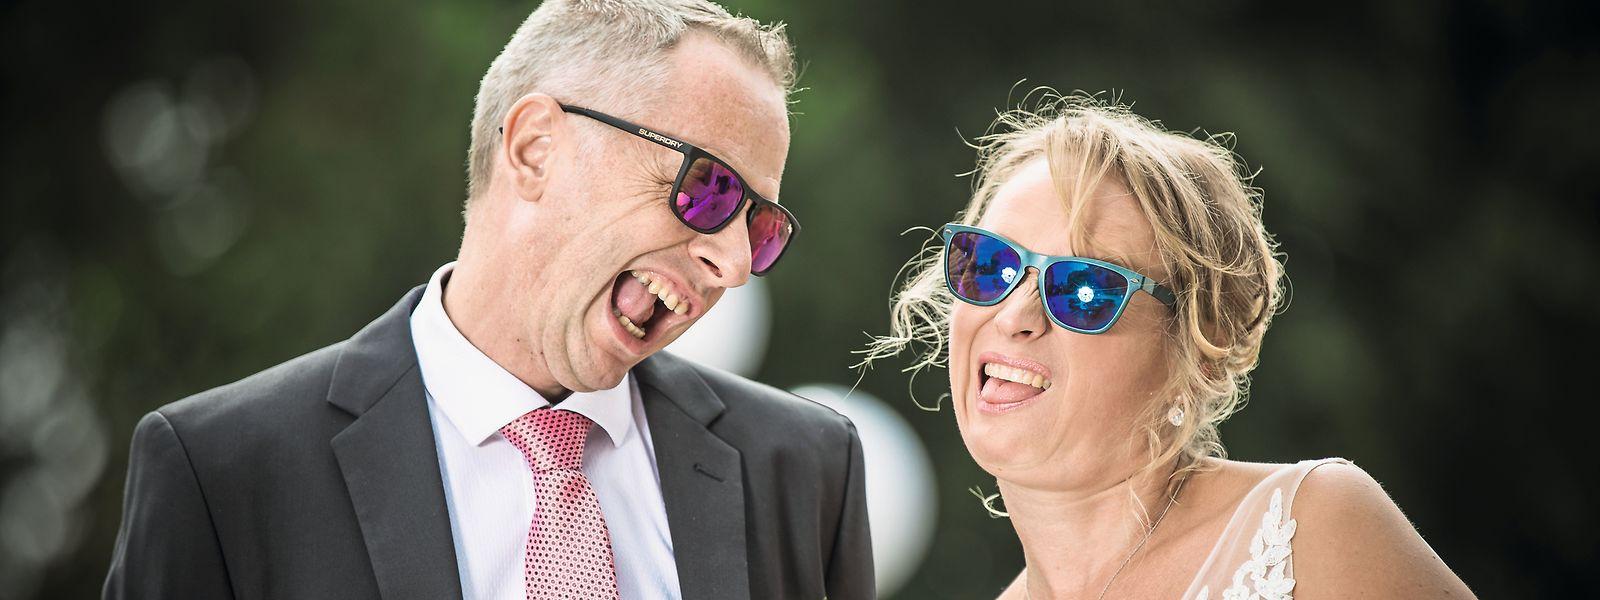 Für Mike Hut und Joëlle Muller war sehr schnell klar, dass sie heiraten werden.